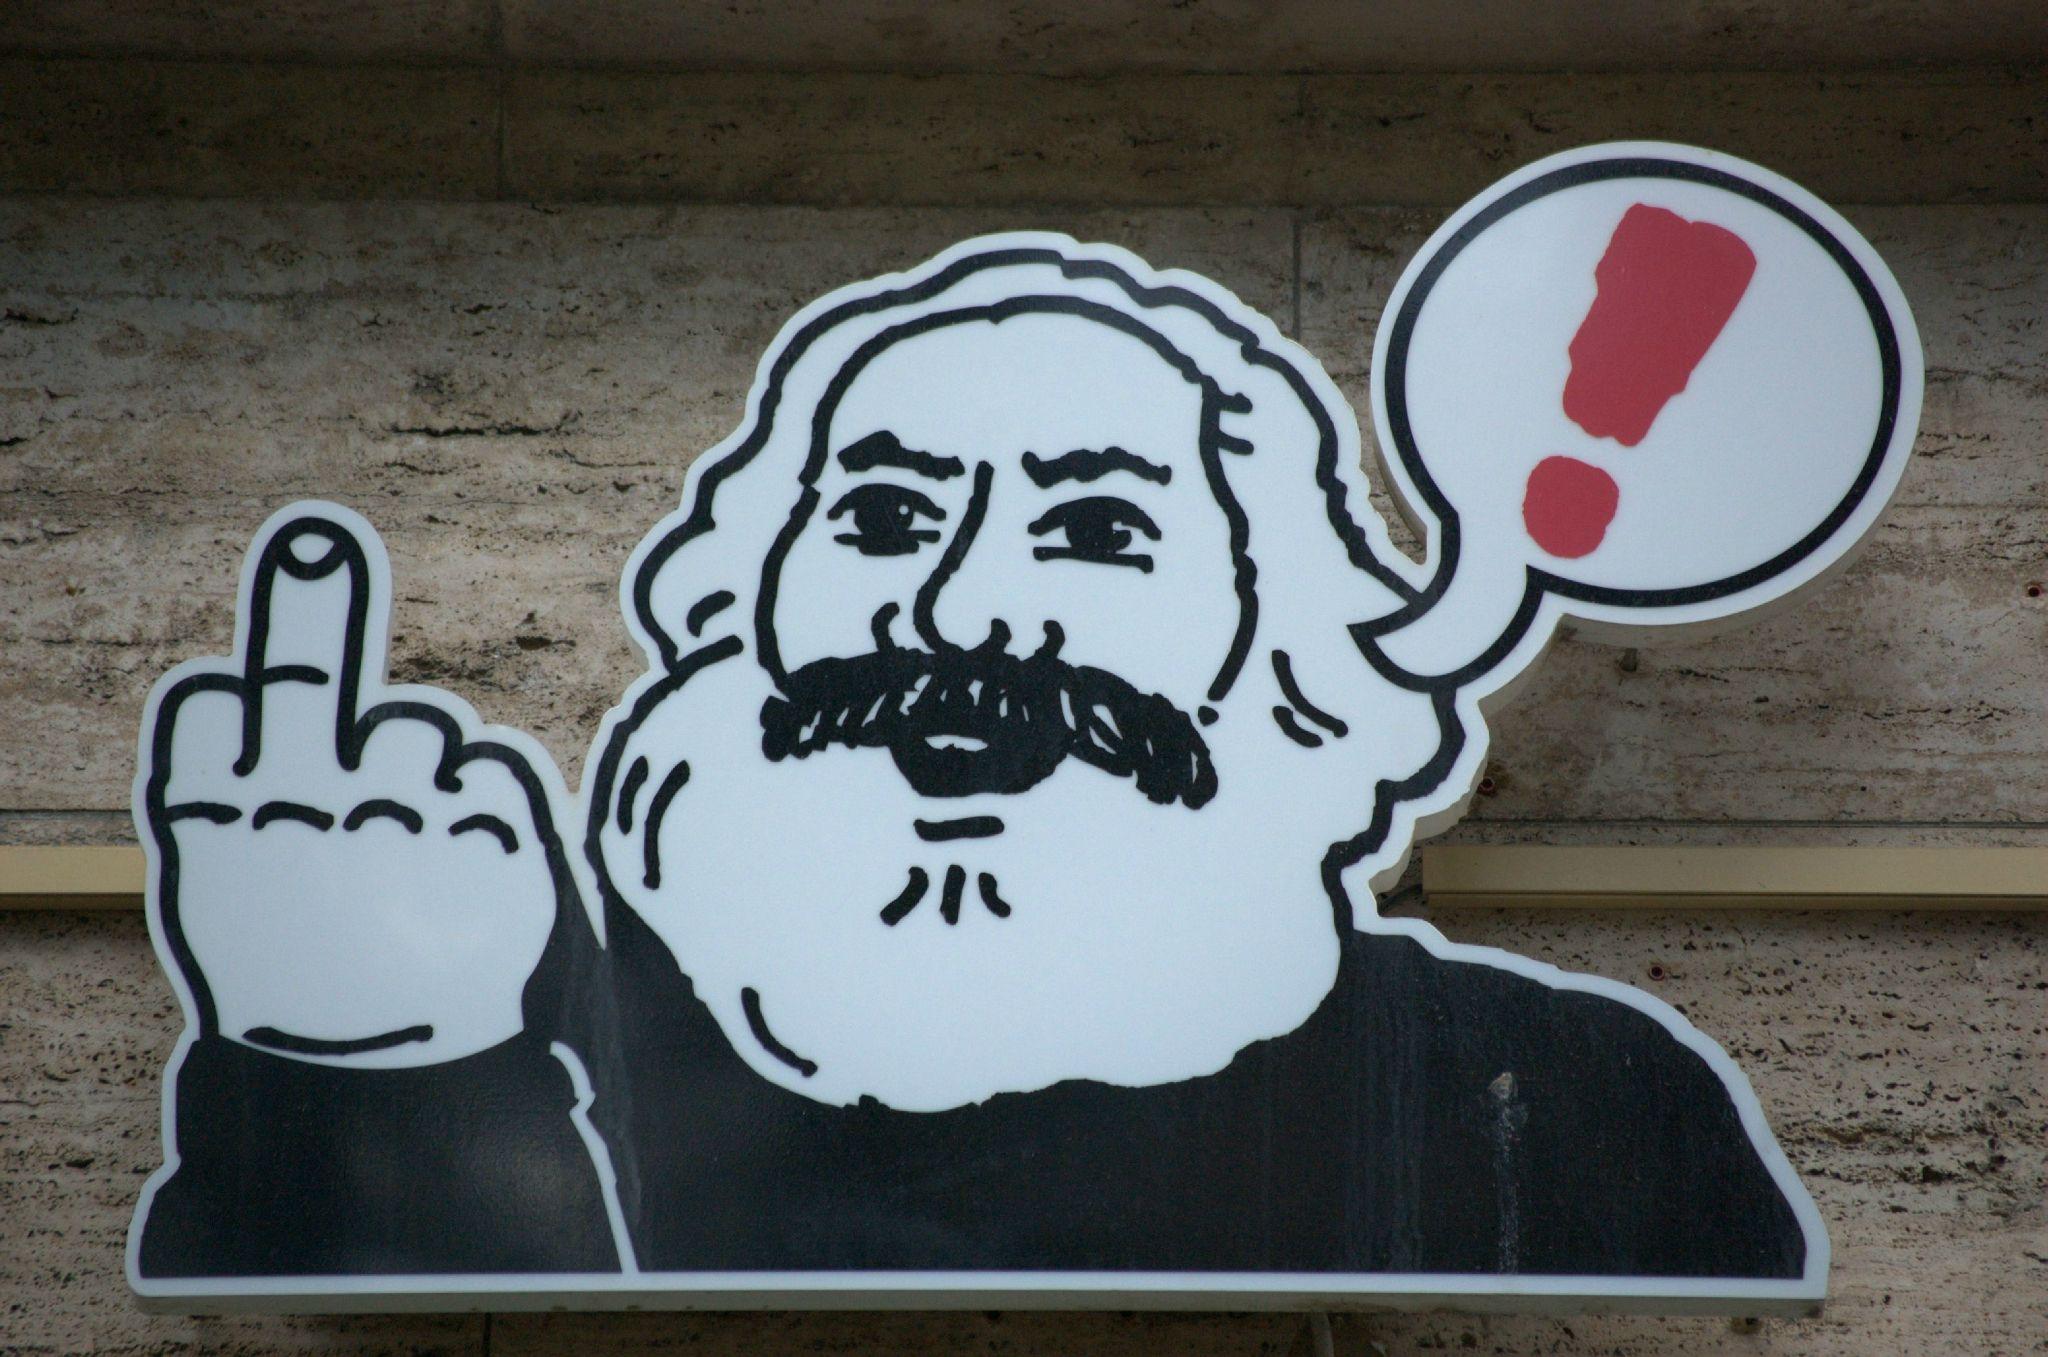 Le doigt de Karl